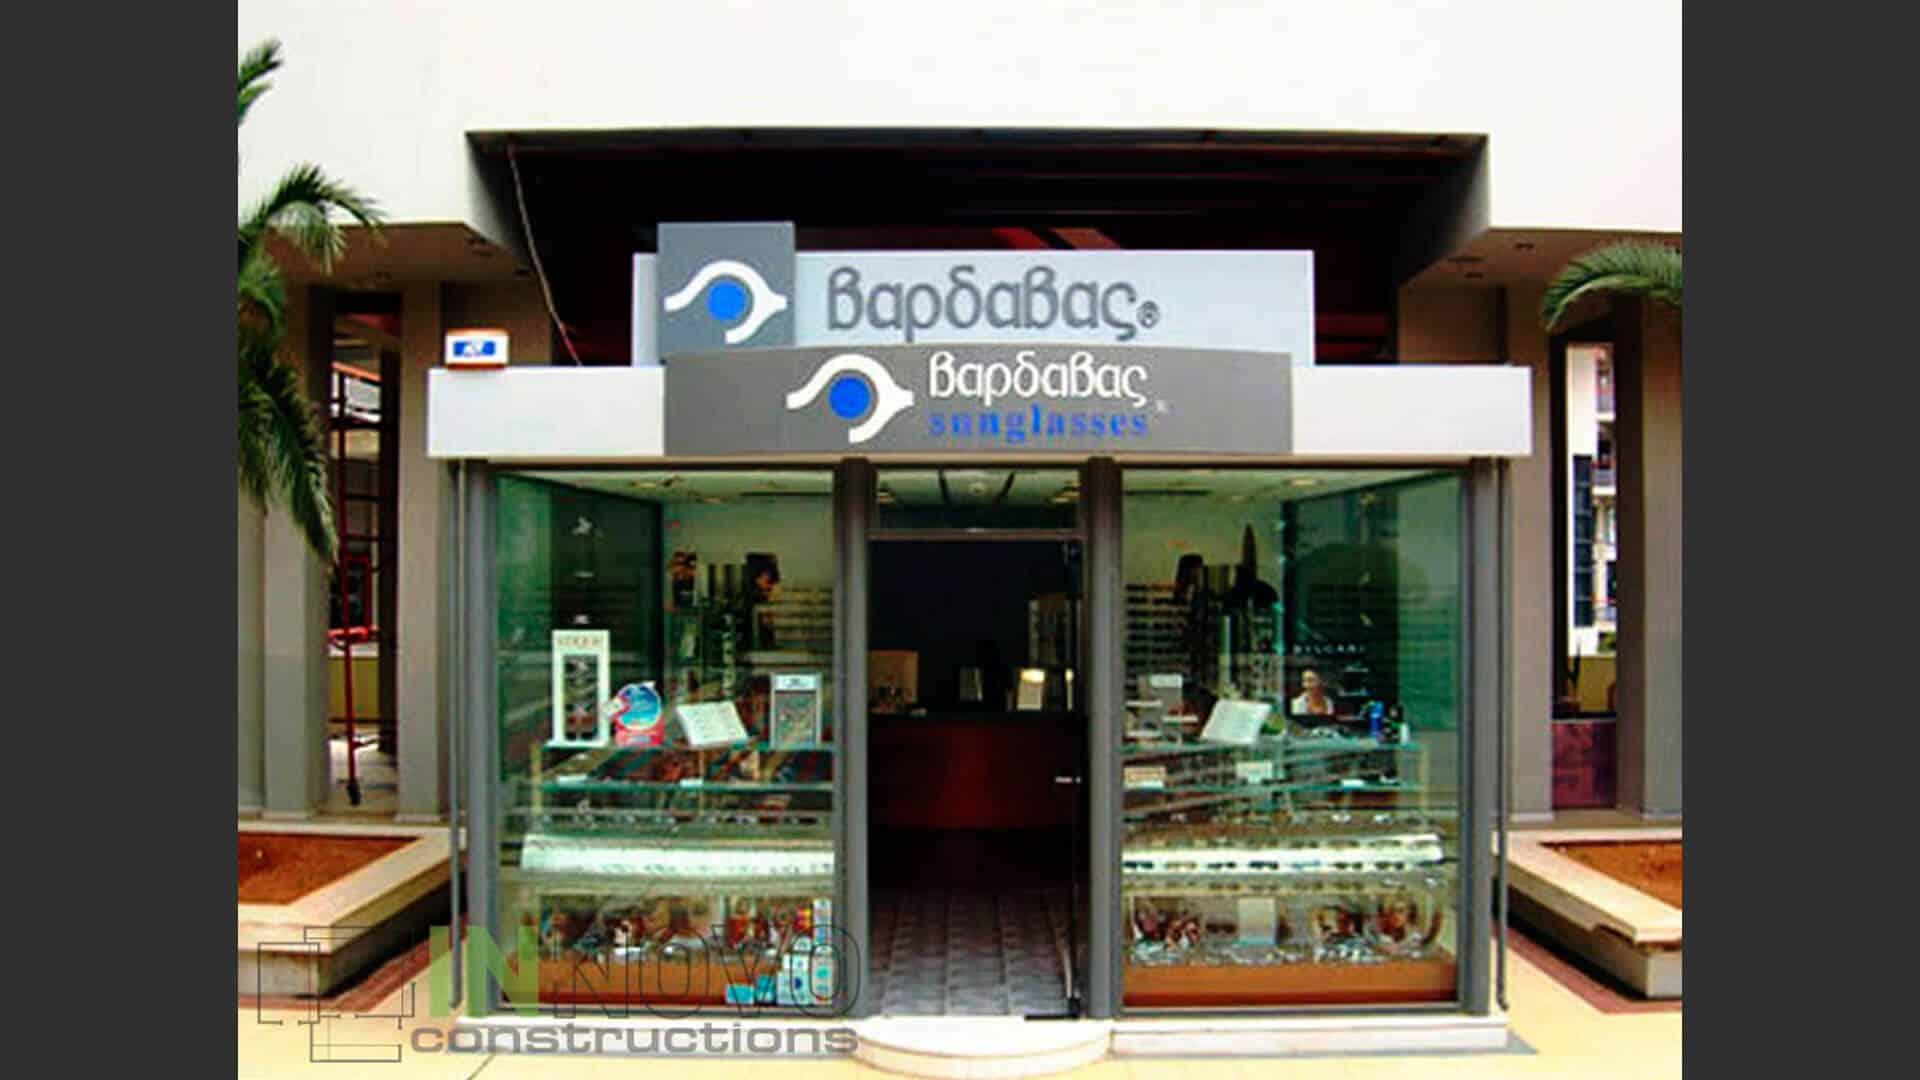 sxediasmos-optikou-optics-design-optiko-bardabas-2